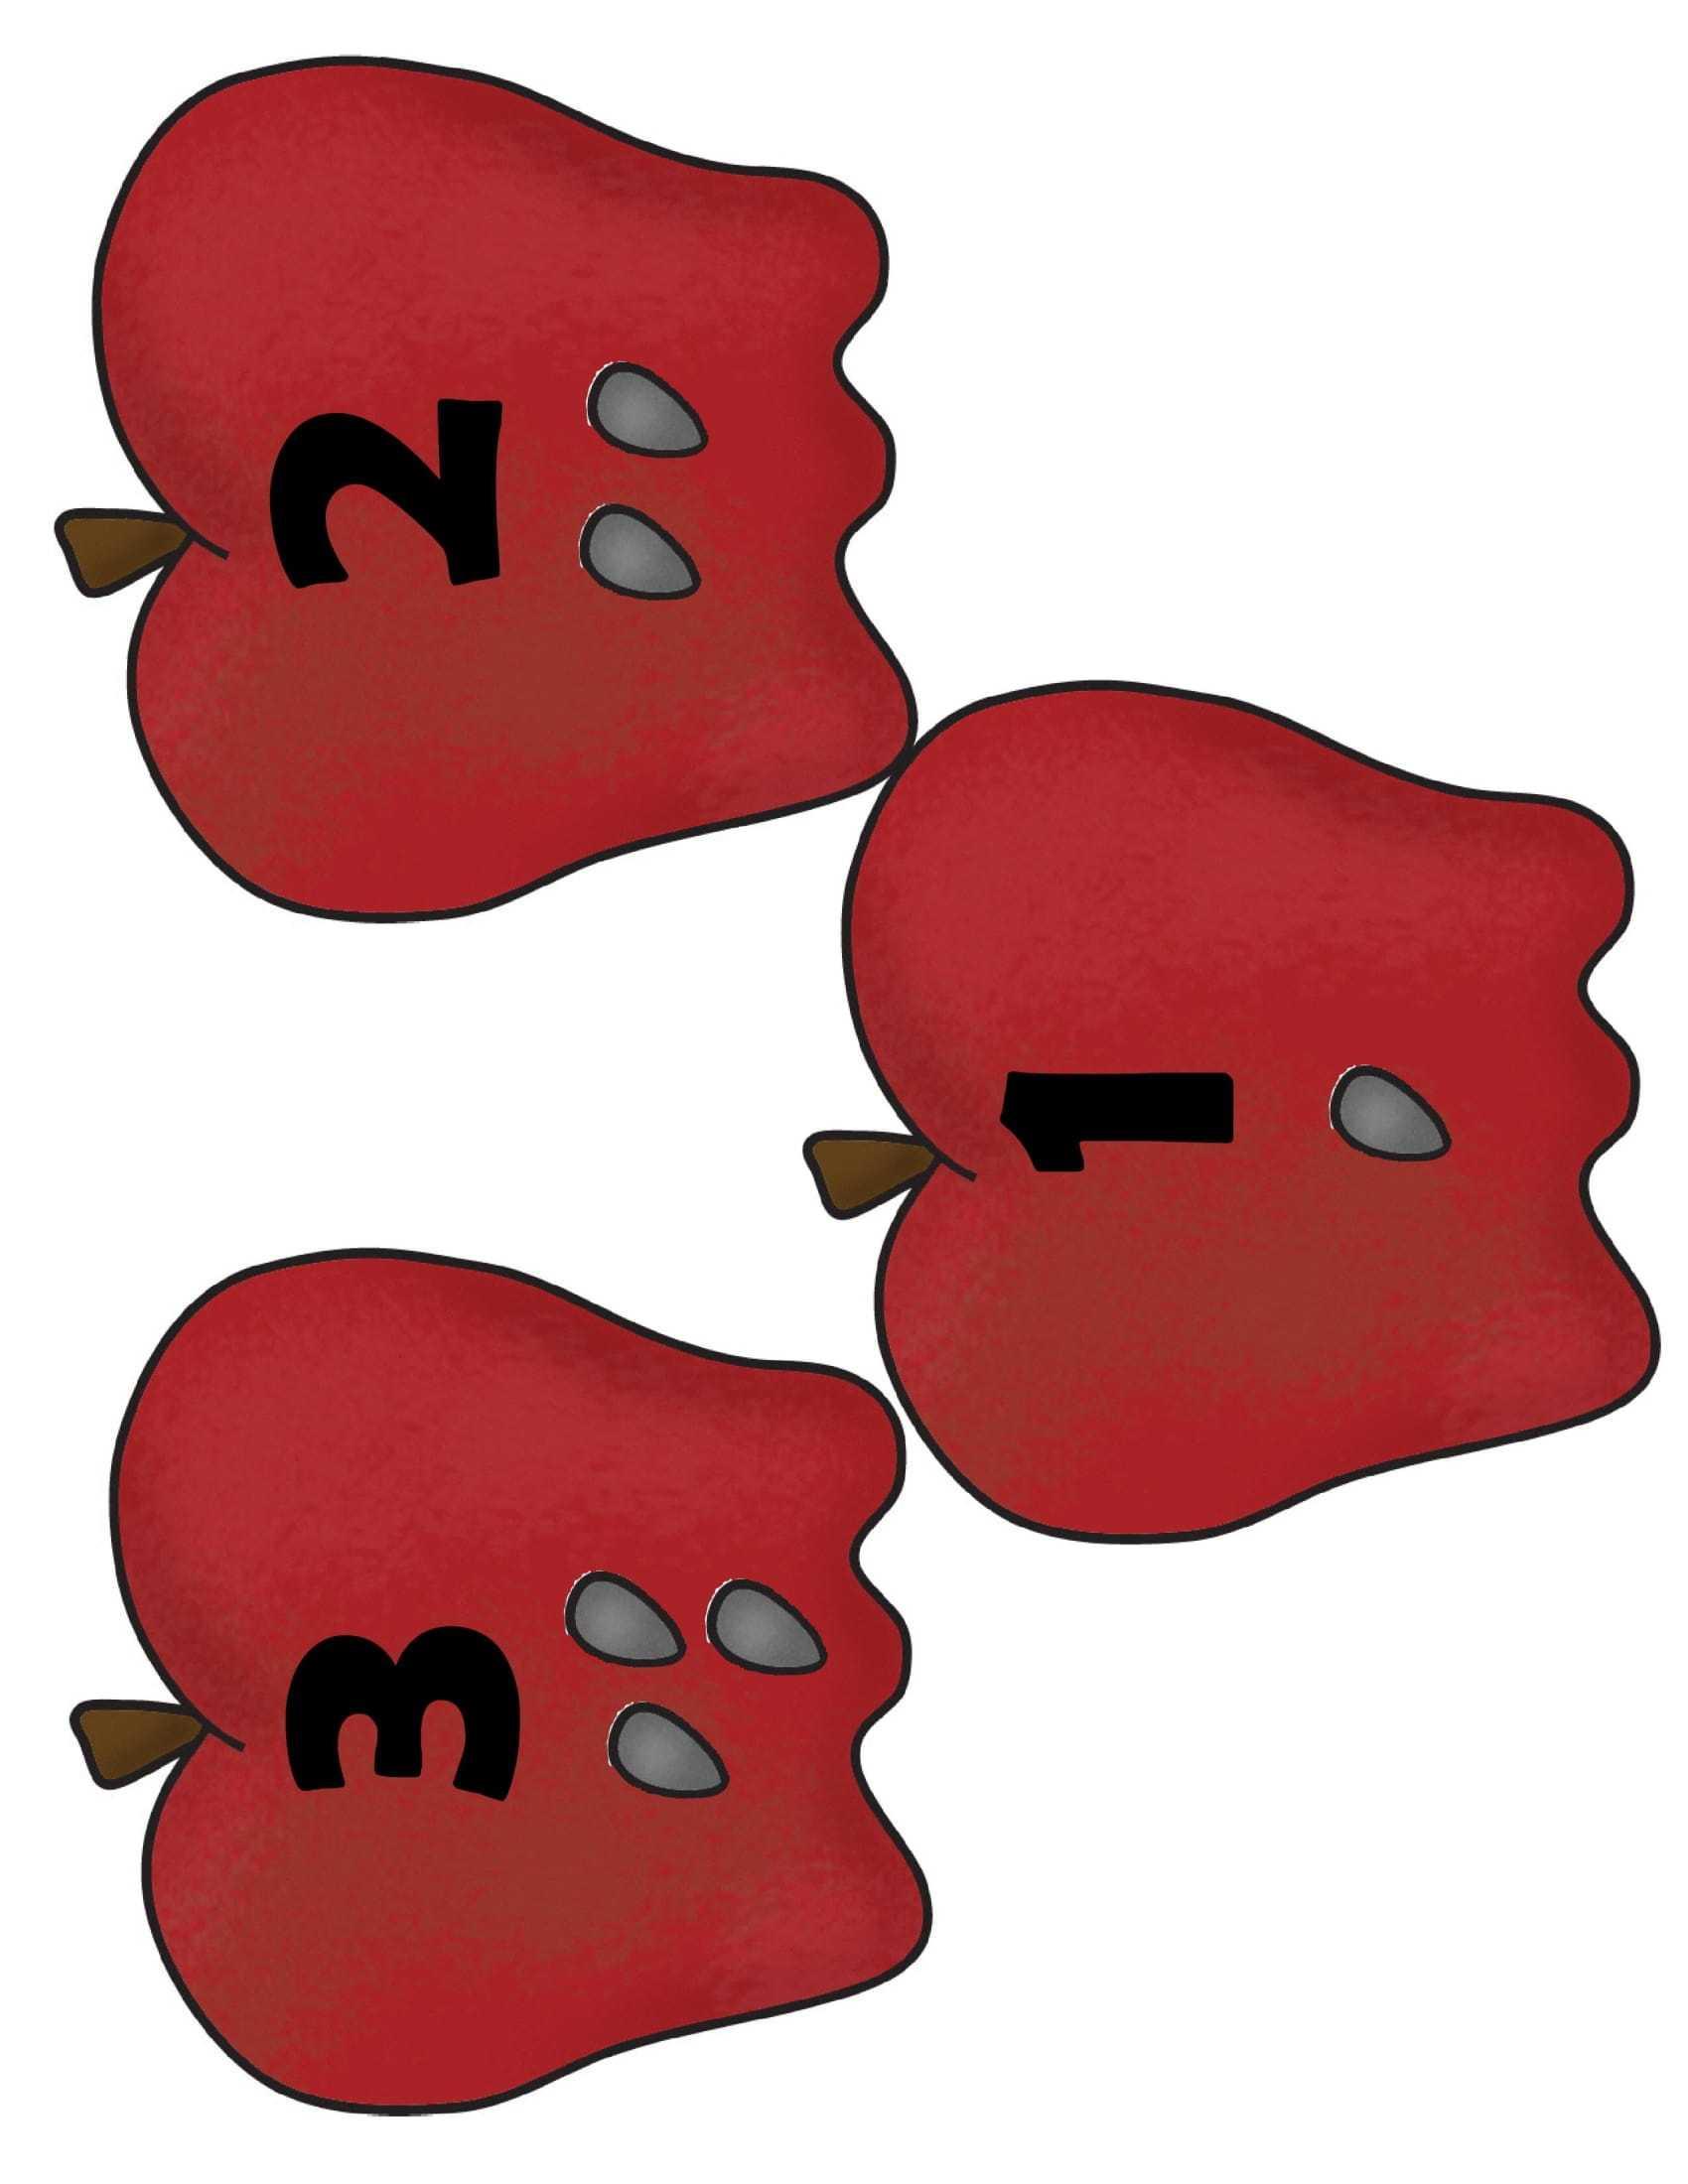 Elmalarla Toplama İşlemi Kartları